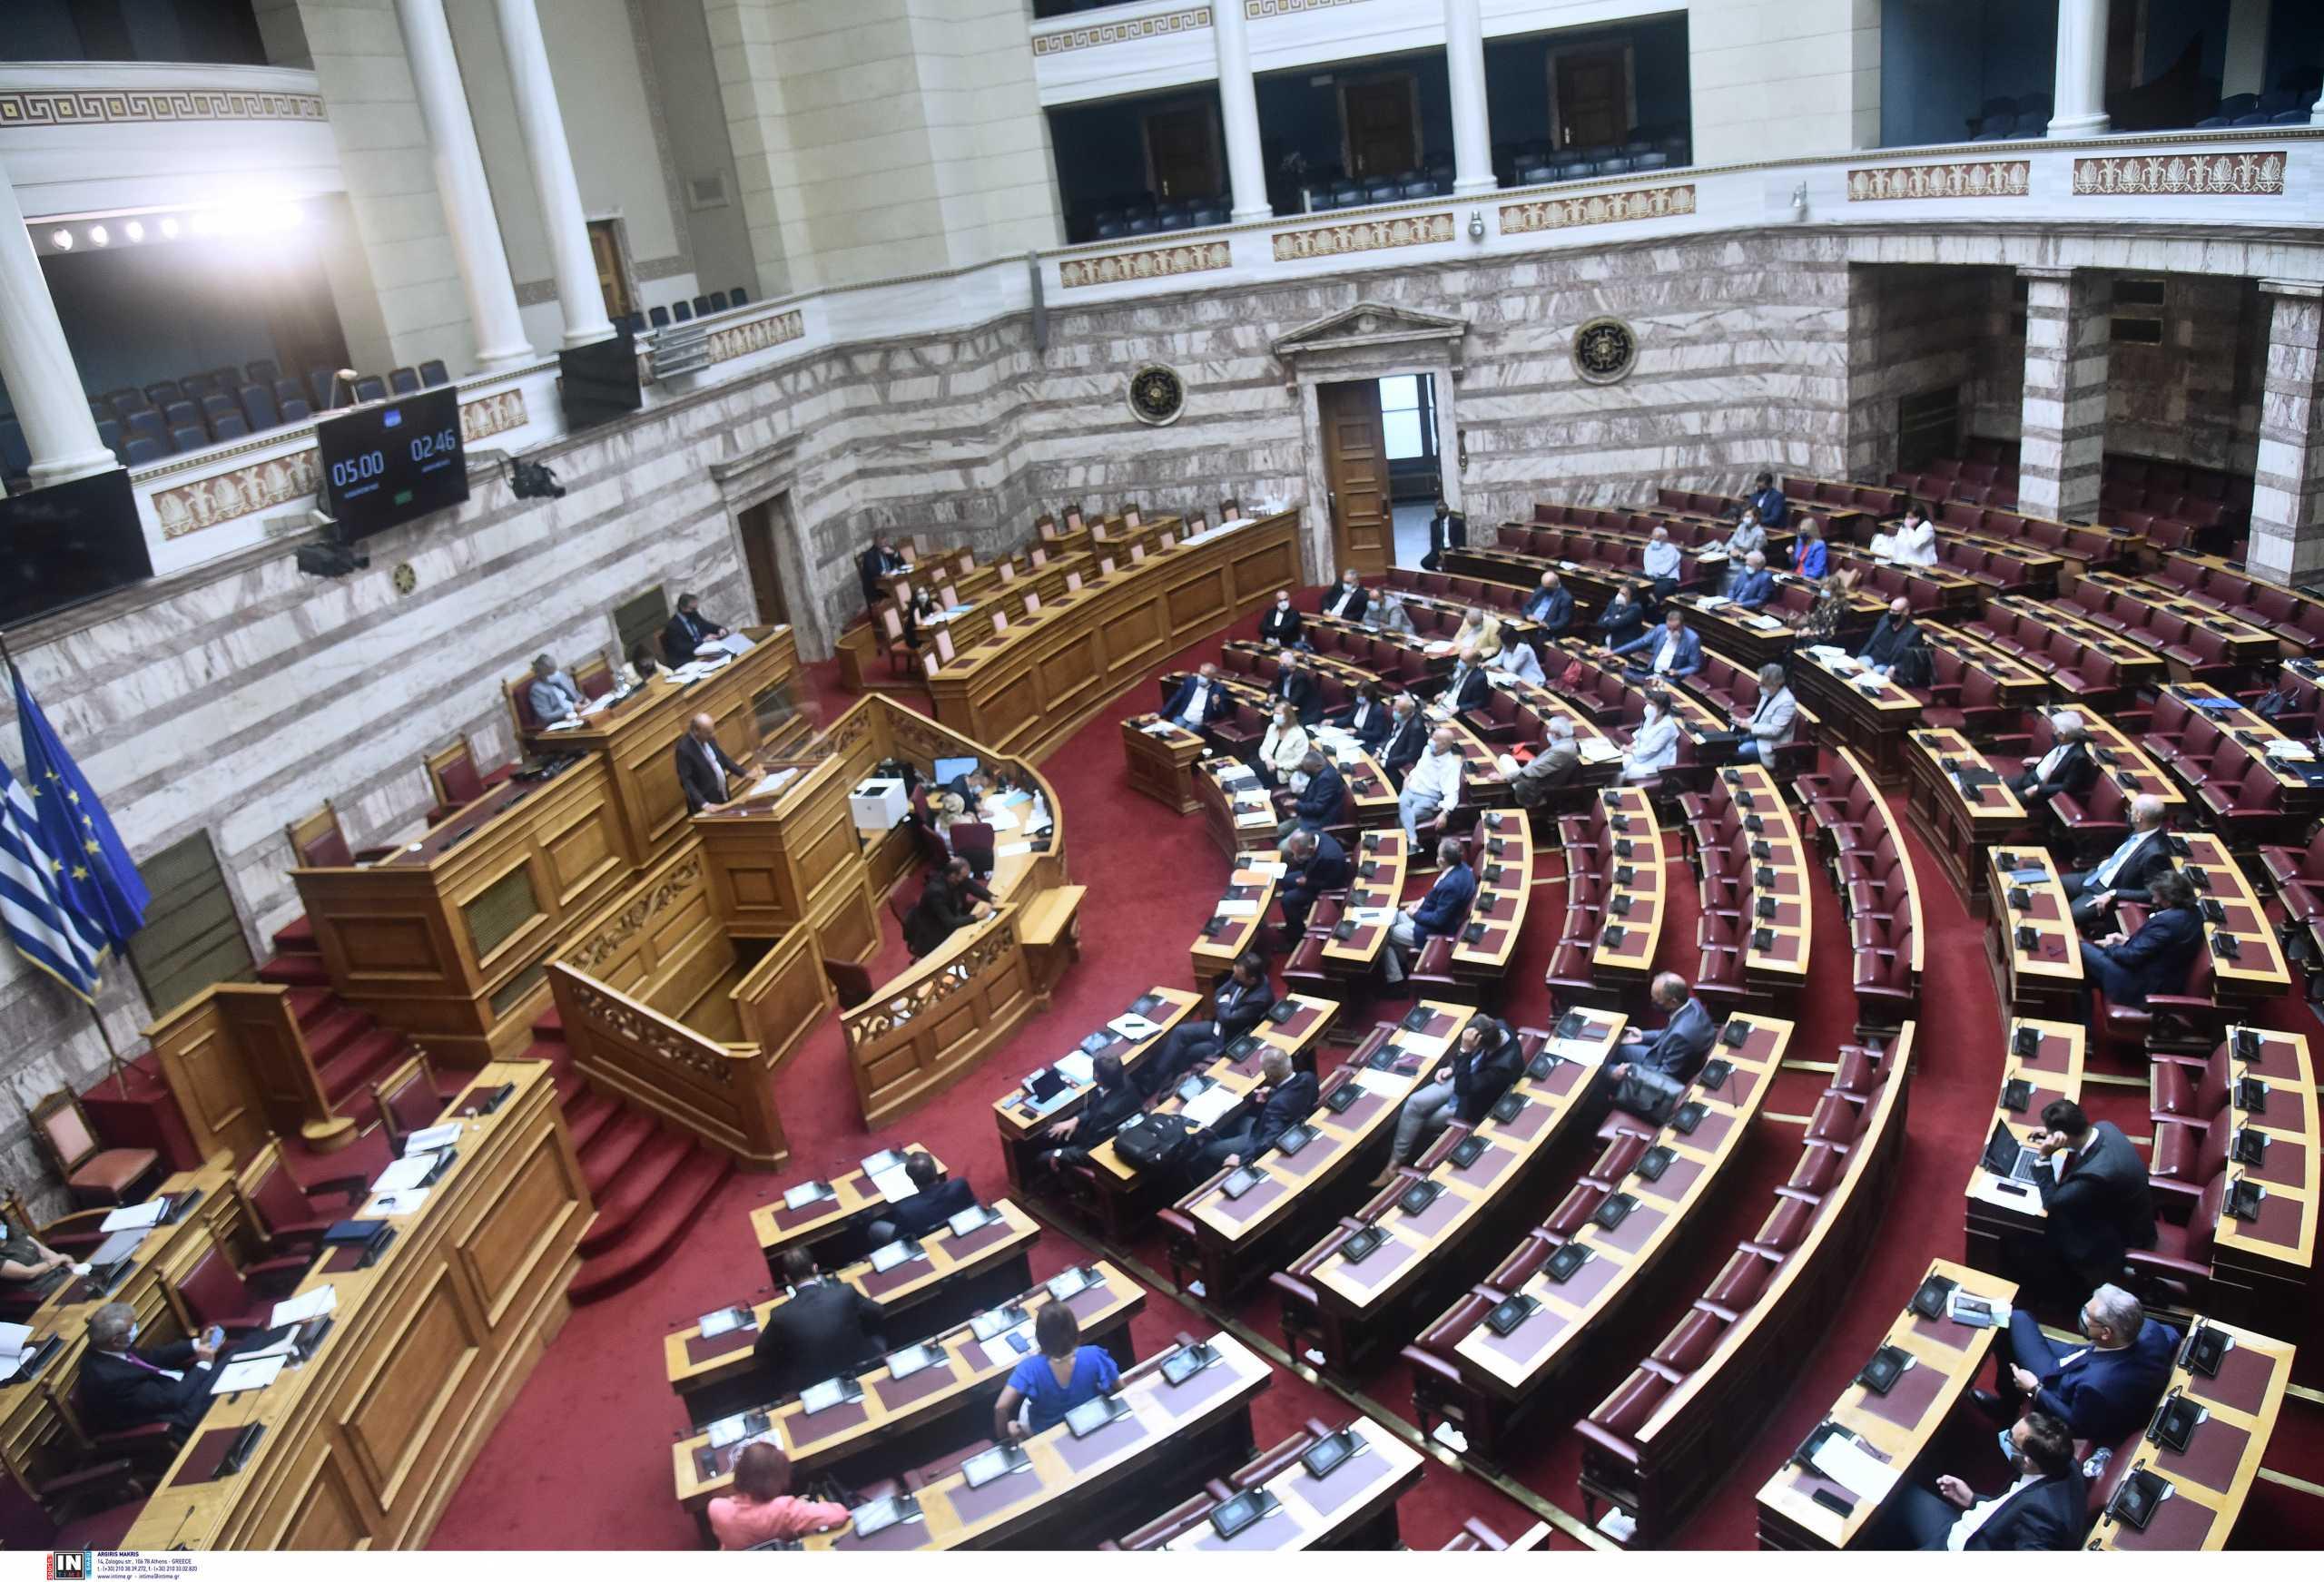 Ασφαλιστική μεταρρύθμιση για τη νέα γενιά: Απορρίφθηκε αίτημα αντισυνταγματικότητας του ΣΥΡΙΖΑ